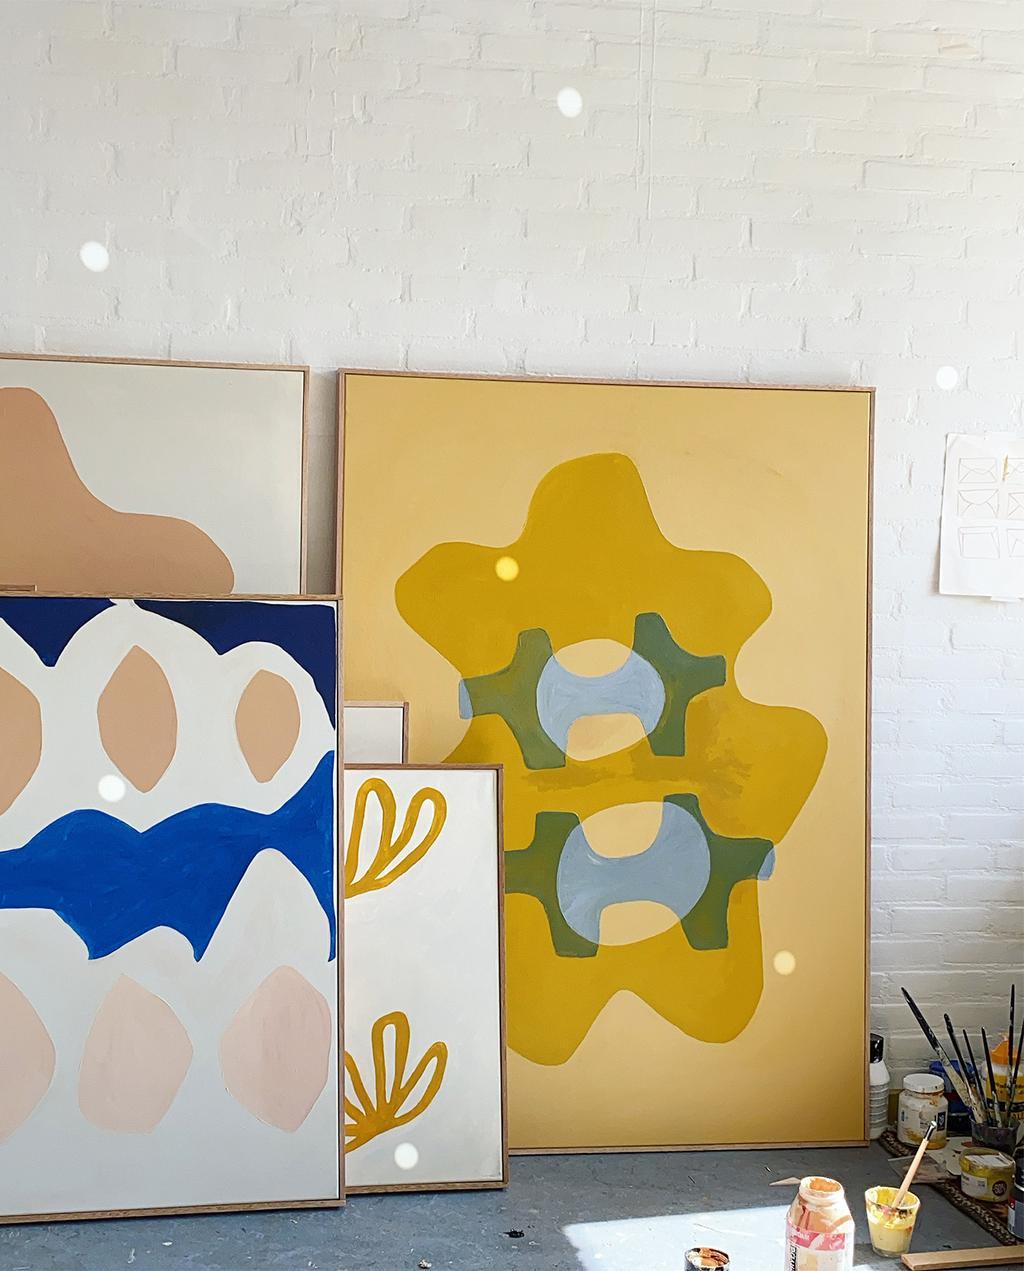 vtwonen 12-2020 | verschillende kunstwerken van kunst Anne Olde Kalter, links blauw met roze cirkels, rechts is een geel kunstwerk met groene details